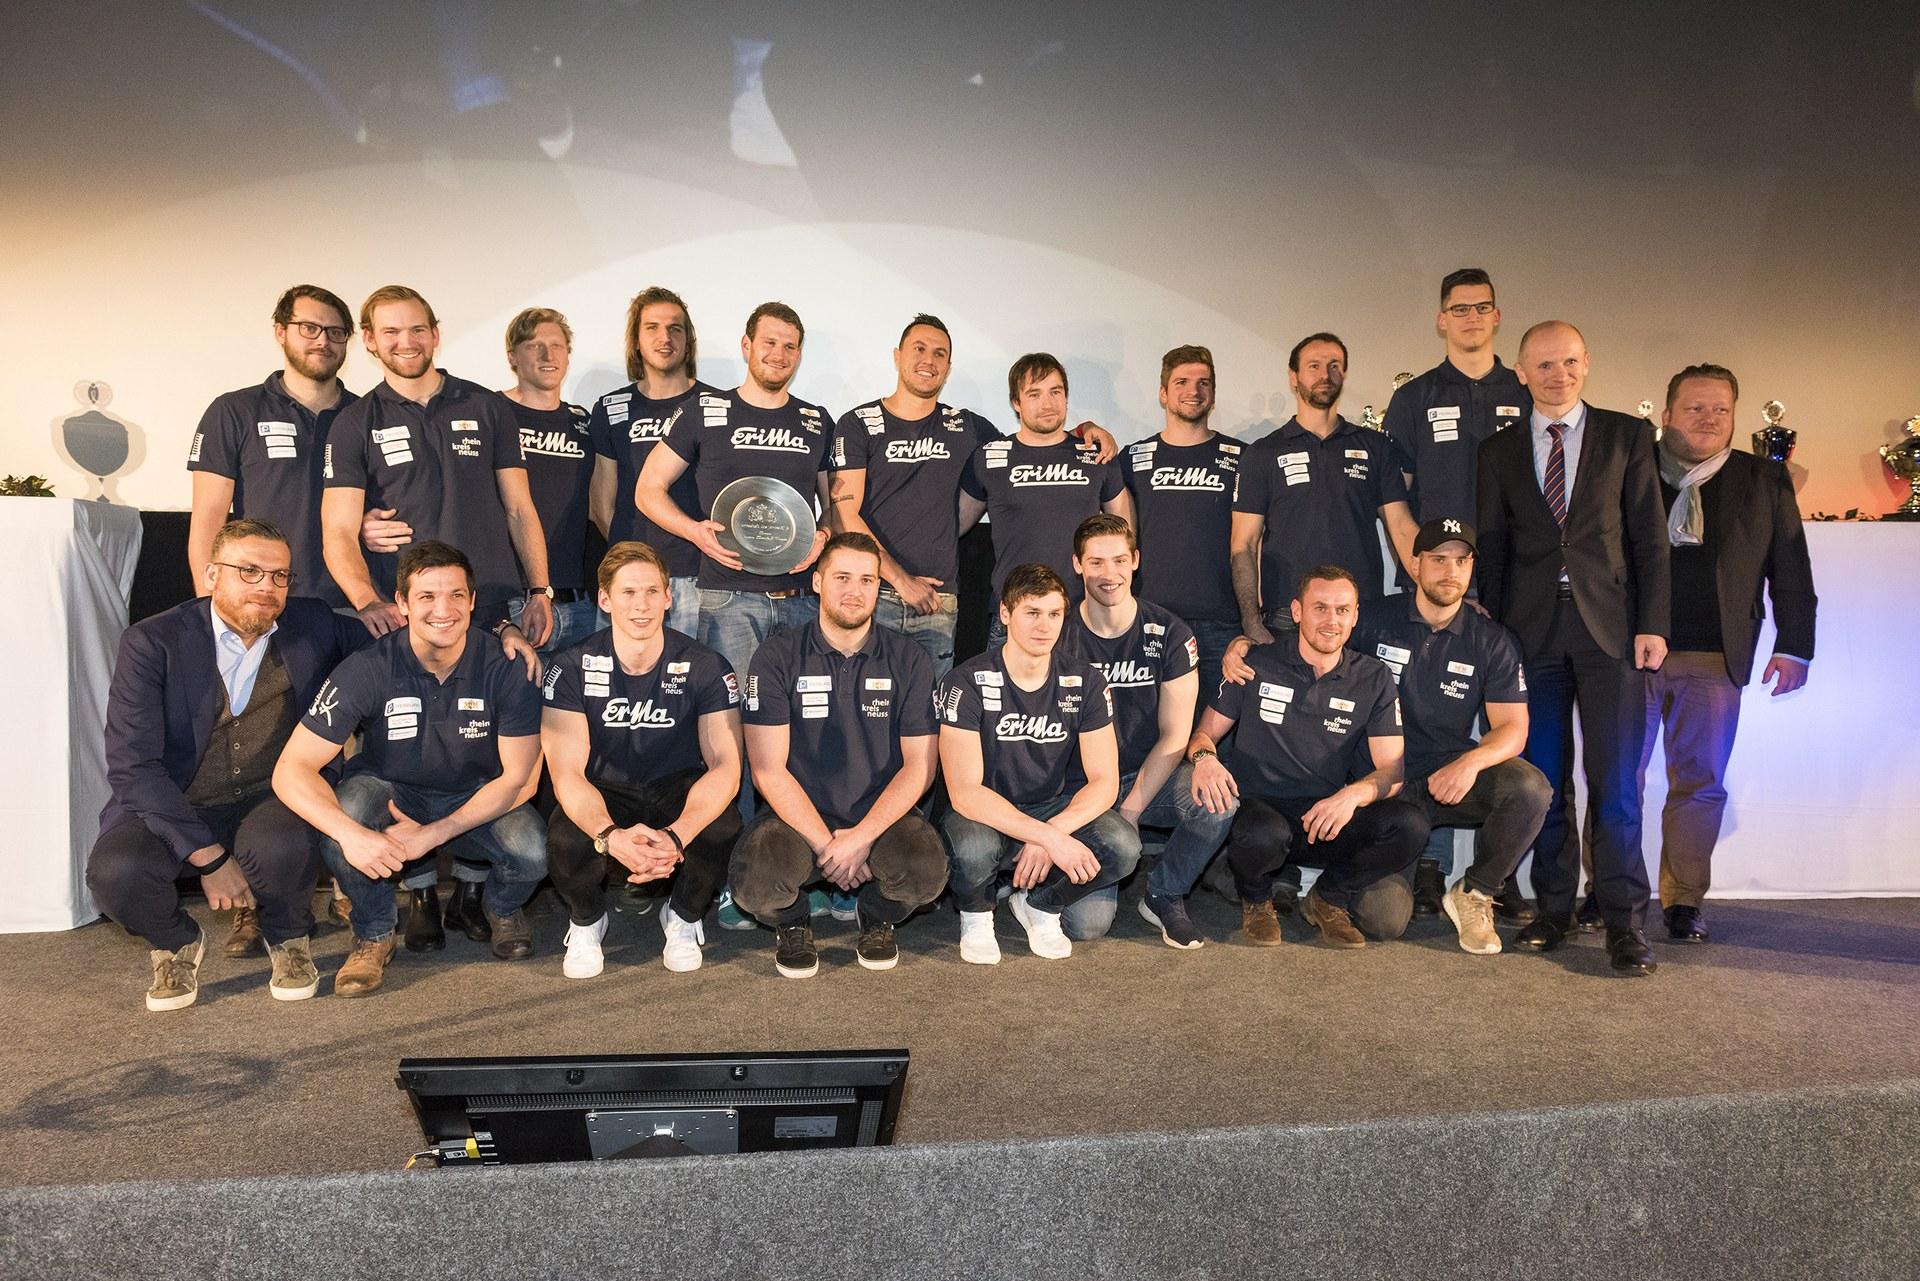 1. Herren Neusser Handballverein (NHV)